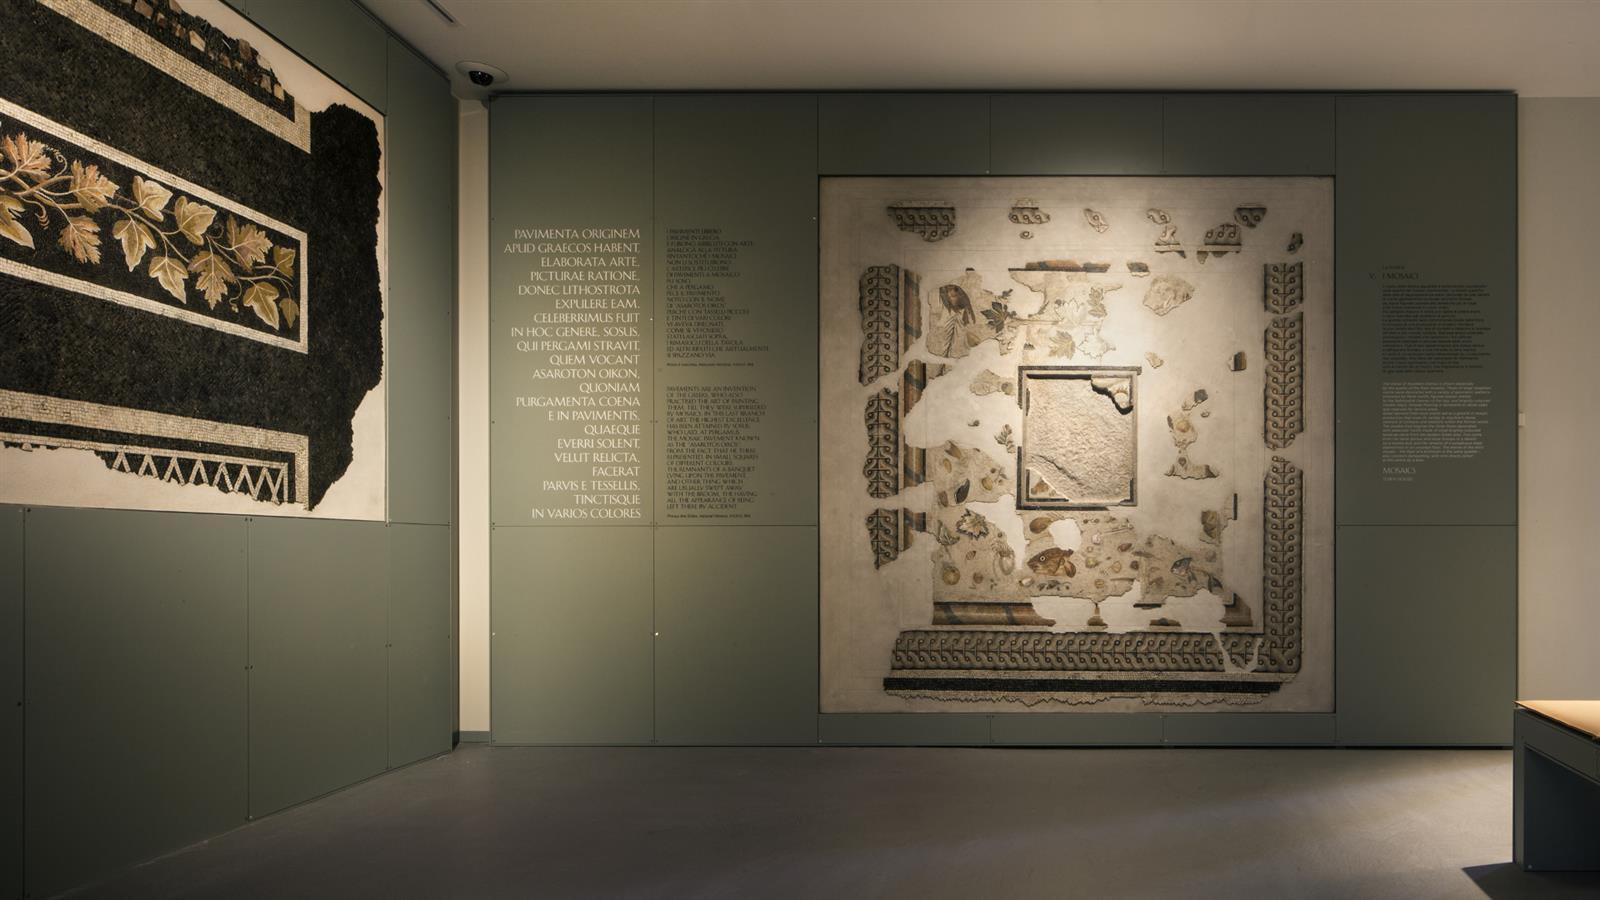 Museo Archeologico Nazionale.Museo Archeologico Nazionale Di Aquileia